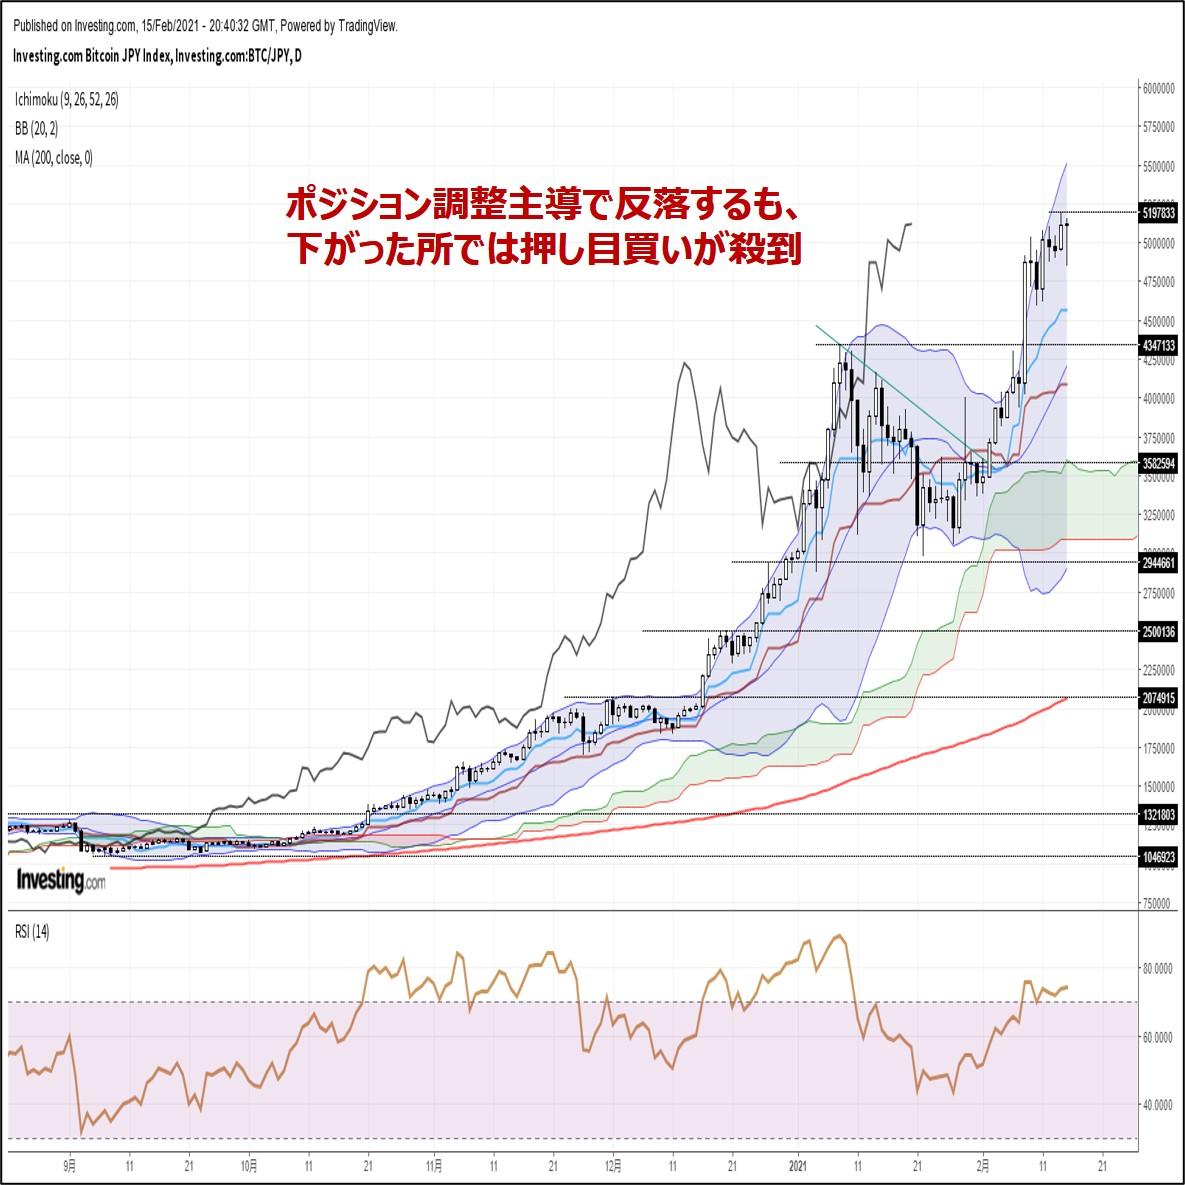 ビットコイン円、ポジション調整主導で反落するも下がった所では押し目買い殺到(2/16朝)